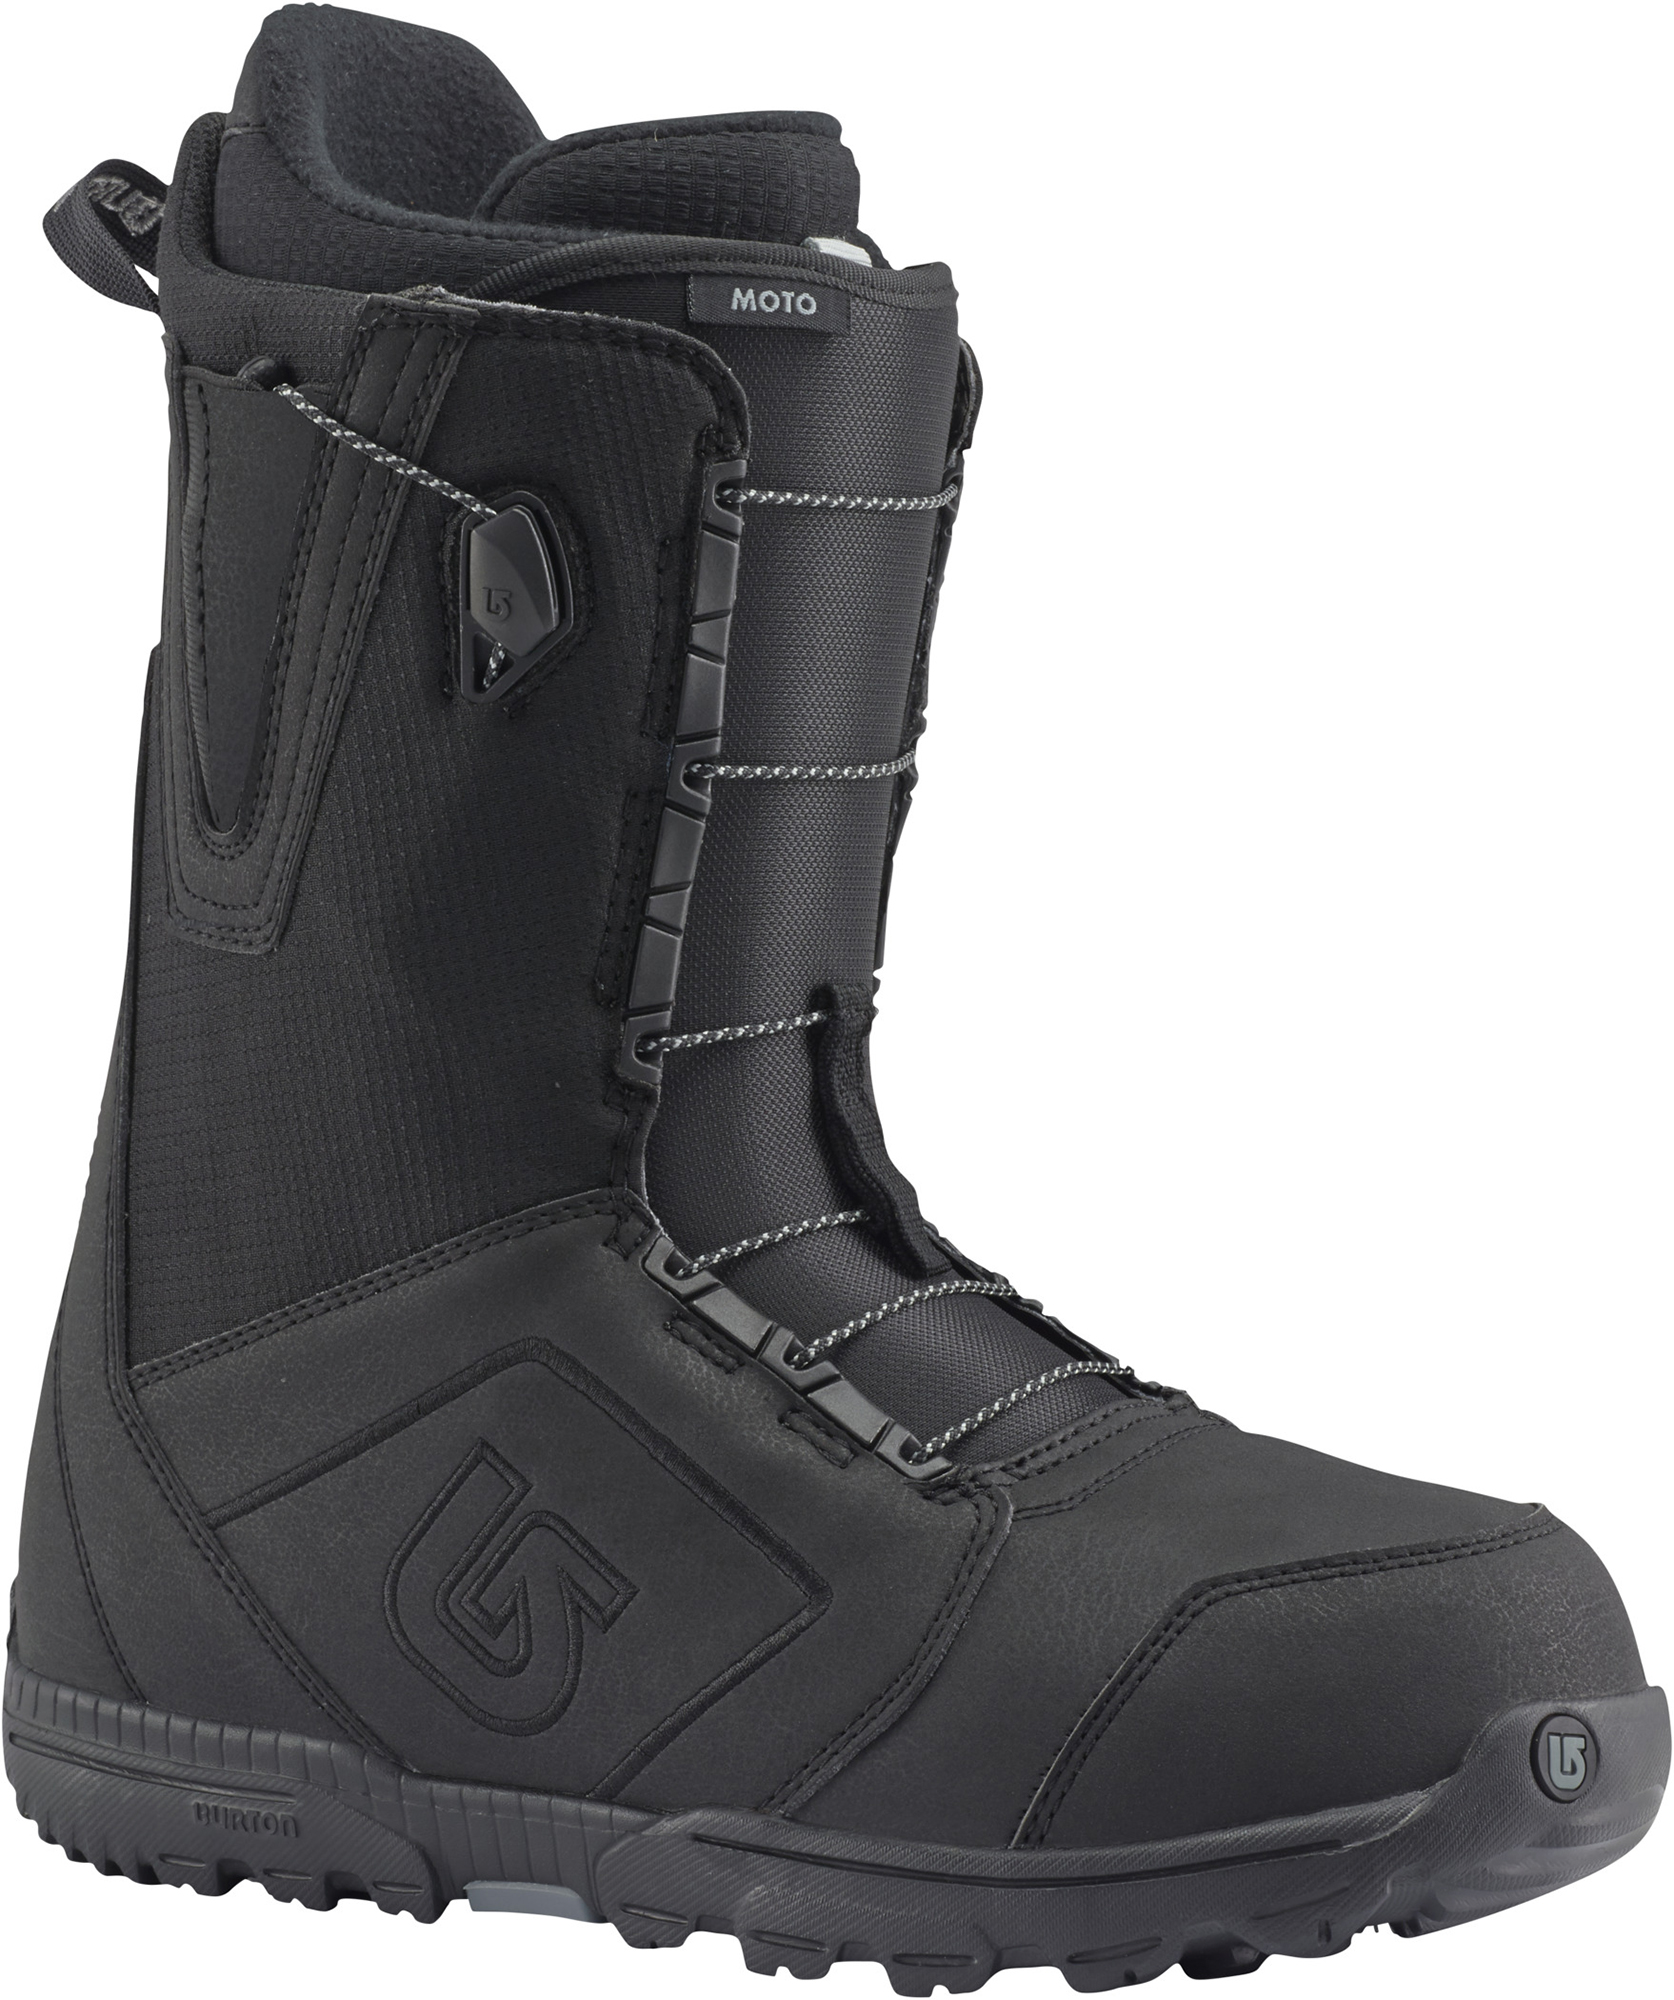 Burton Ботинки сноубордические Burton Moto брюки сноубордические цена 1500